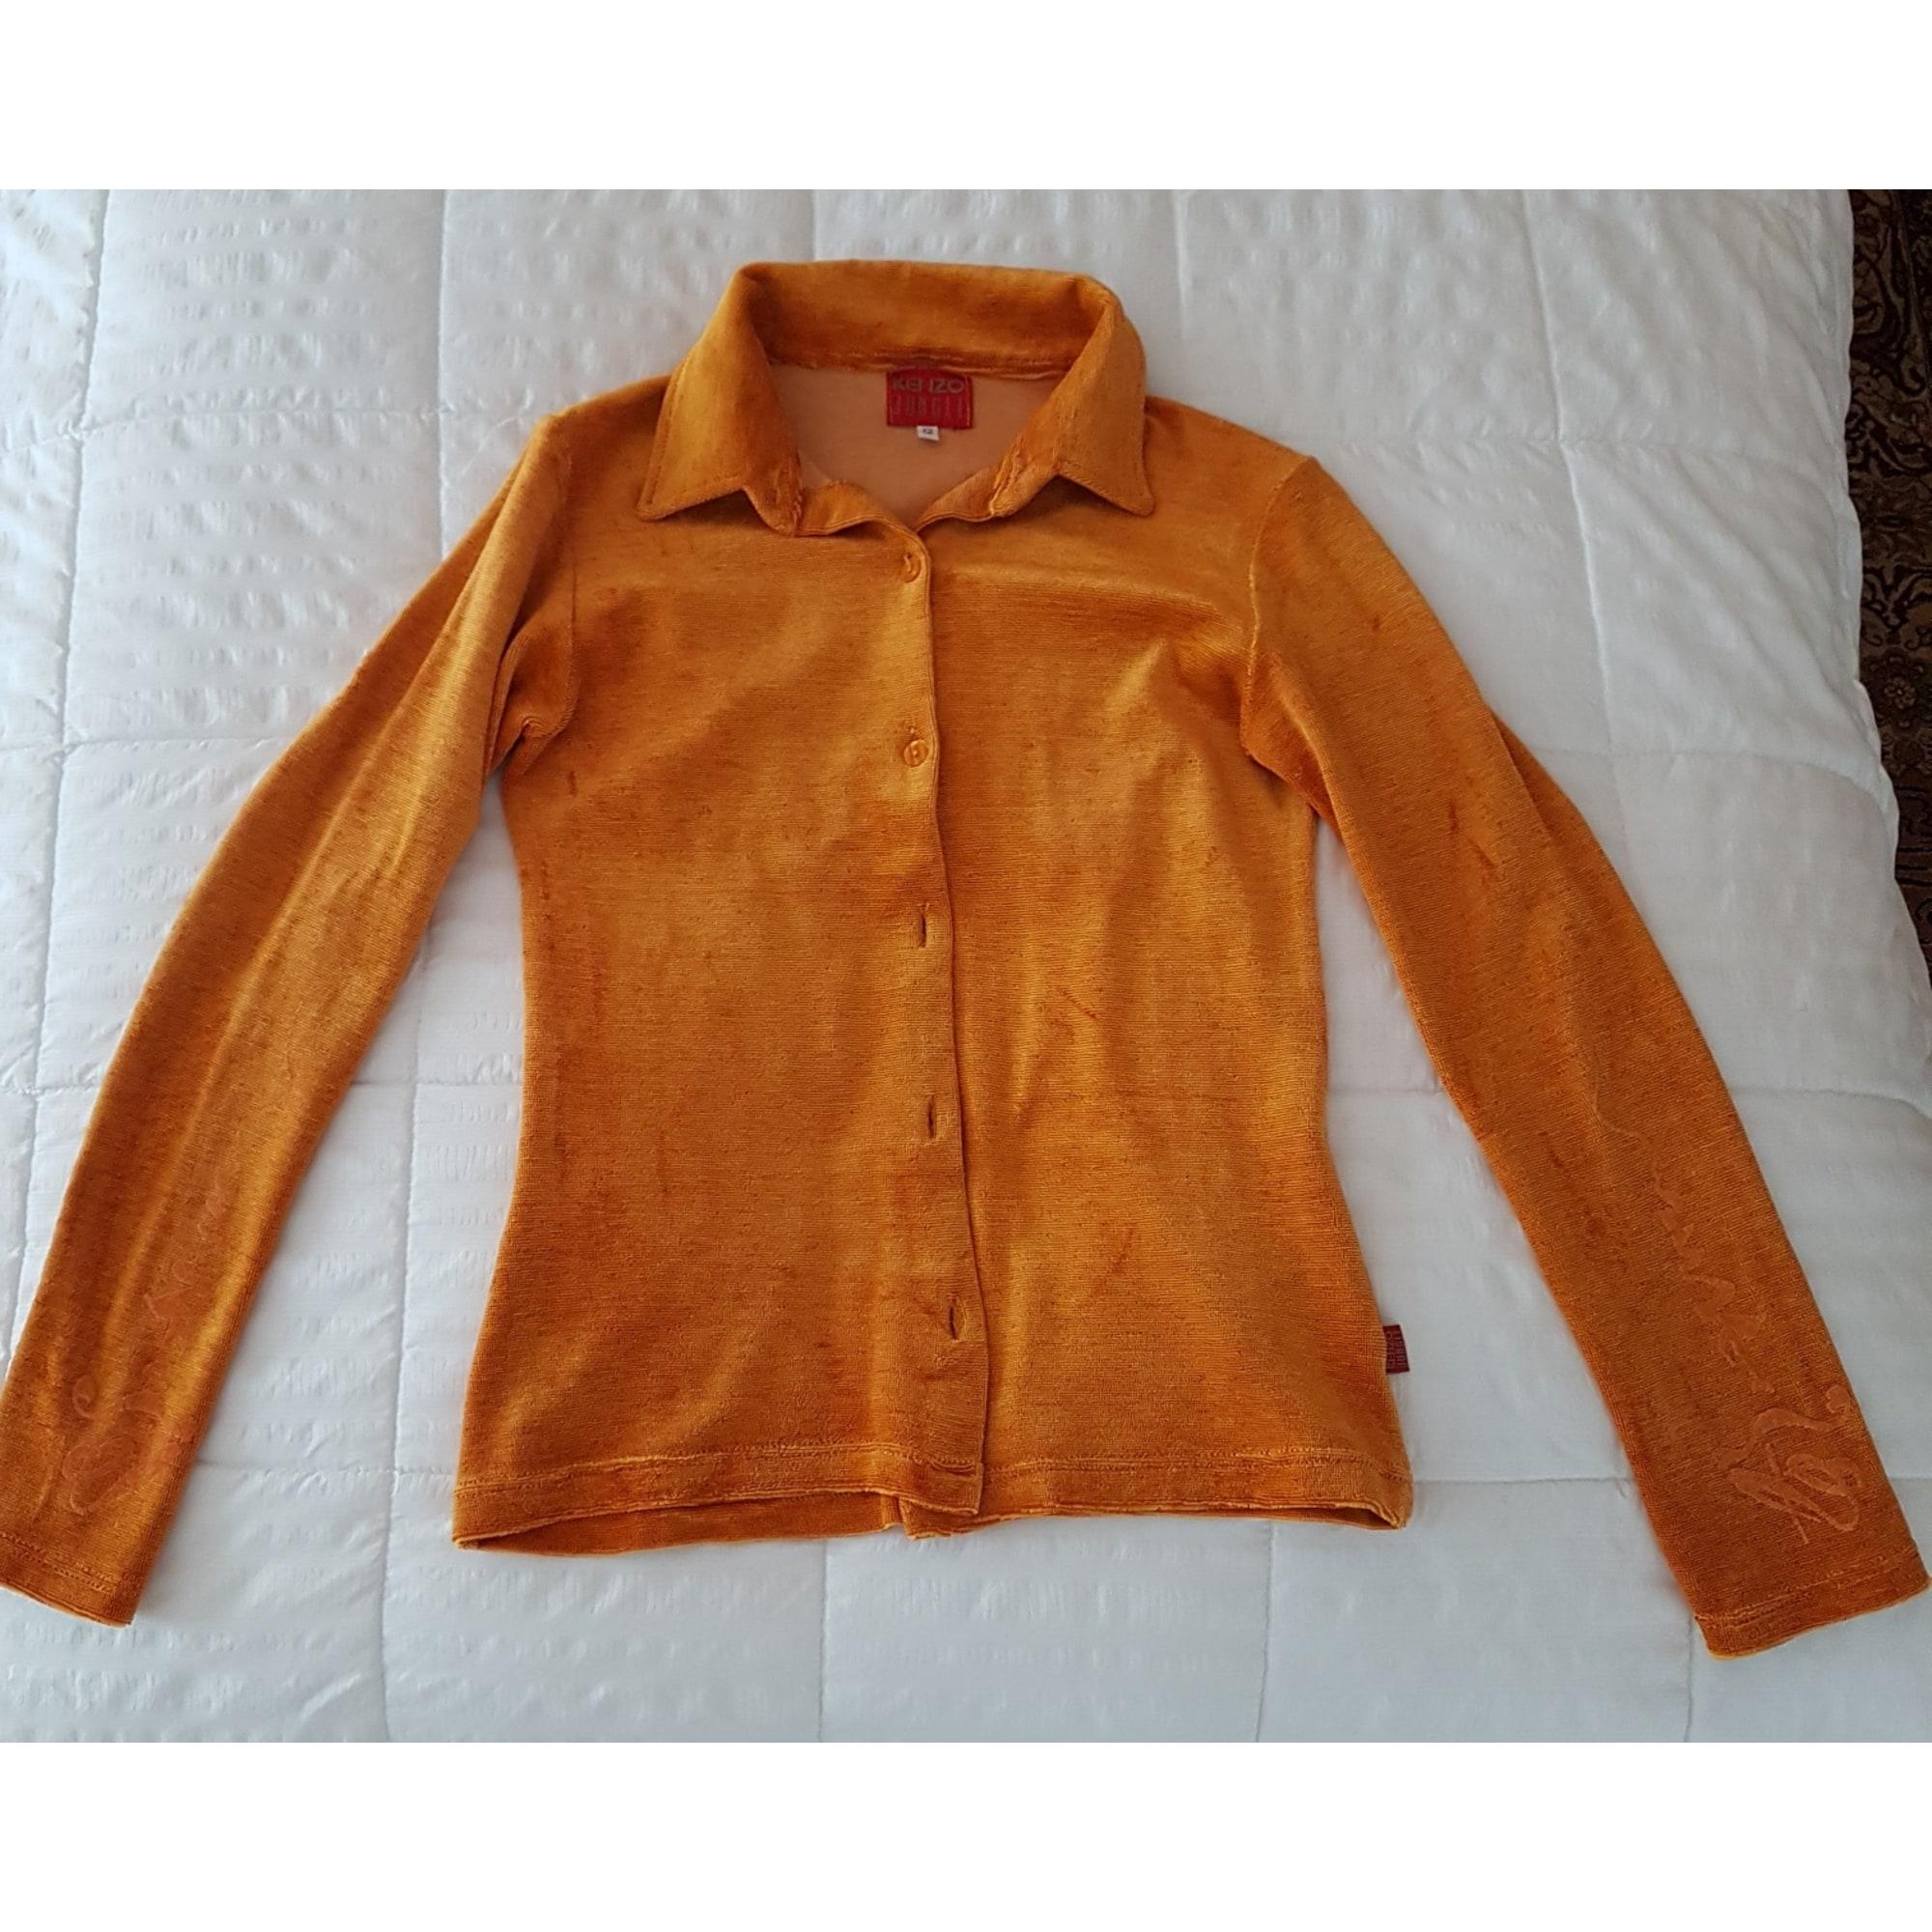 Chemise KENZO orange/gold